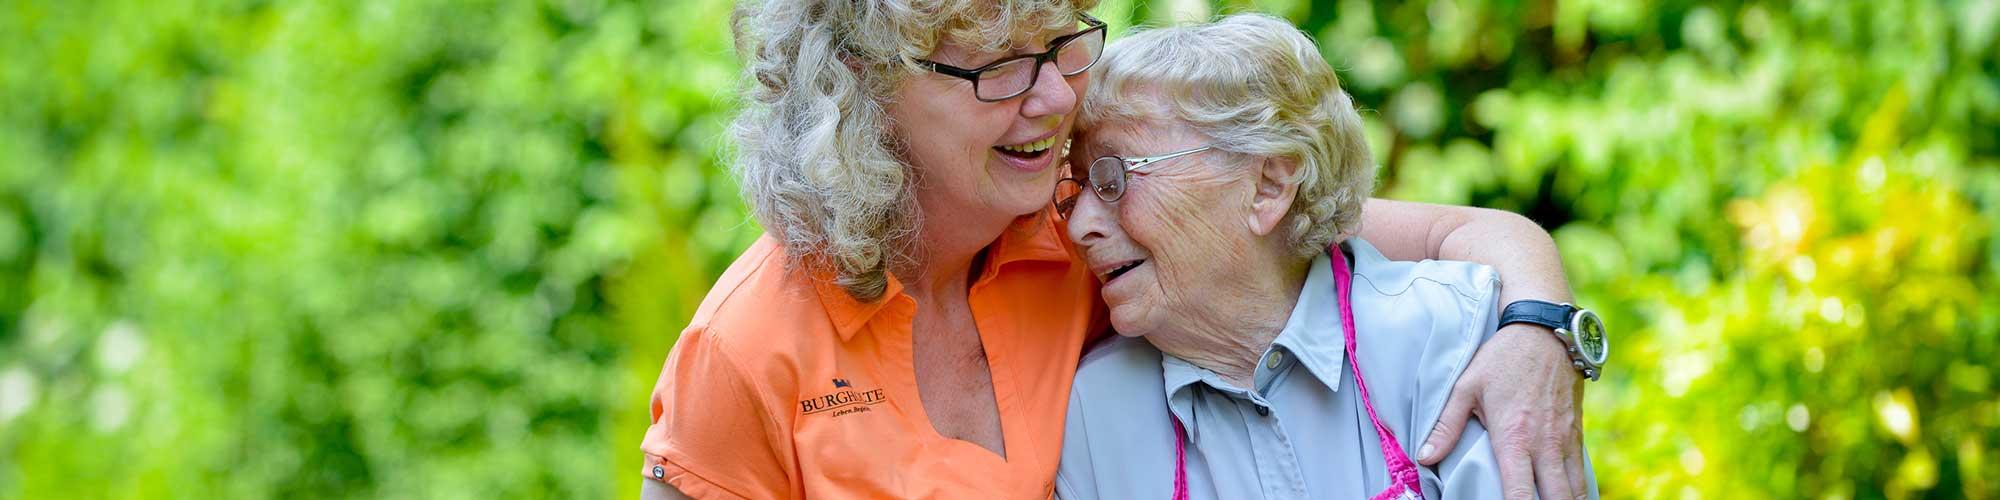 freizeit-3Liebevolle Pflege wird in den Burgholte Pflegeheimen besonders groß geschrieben.